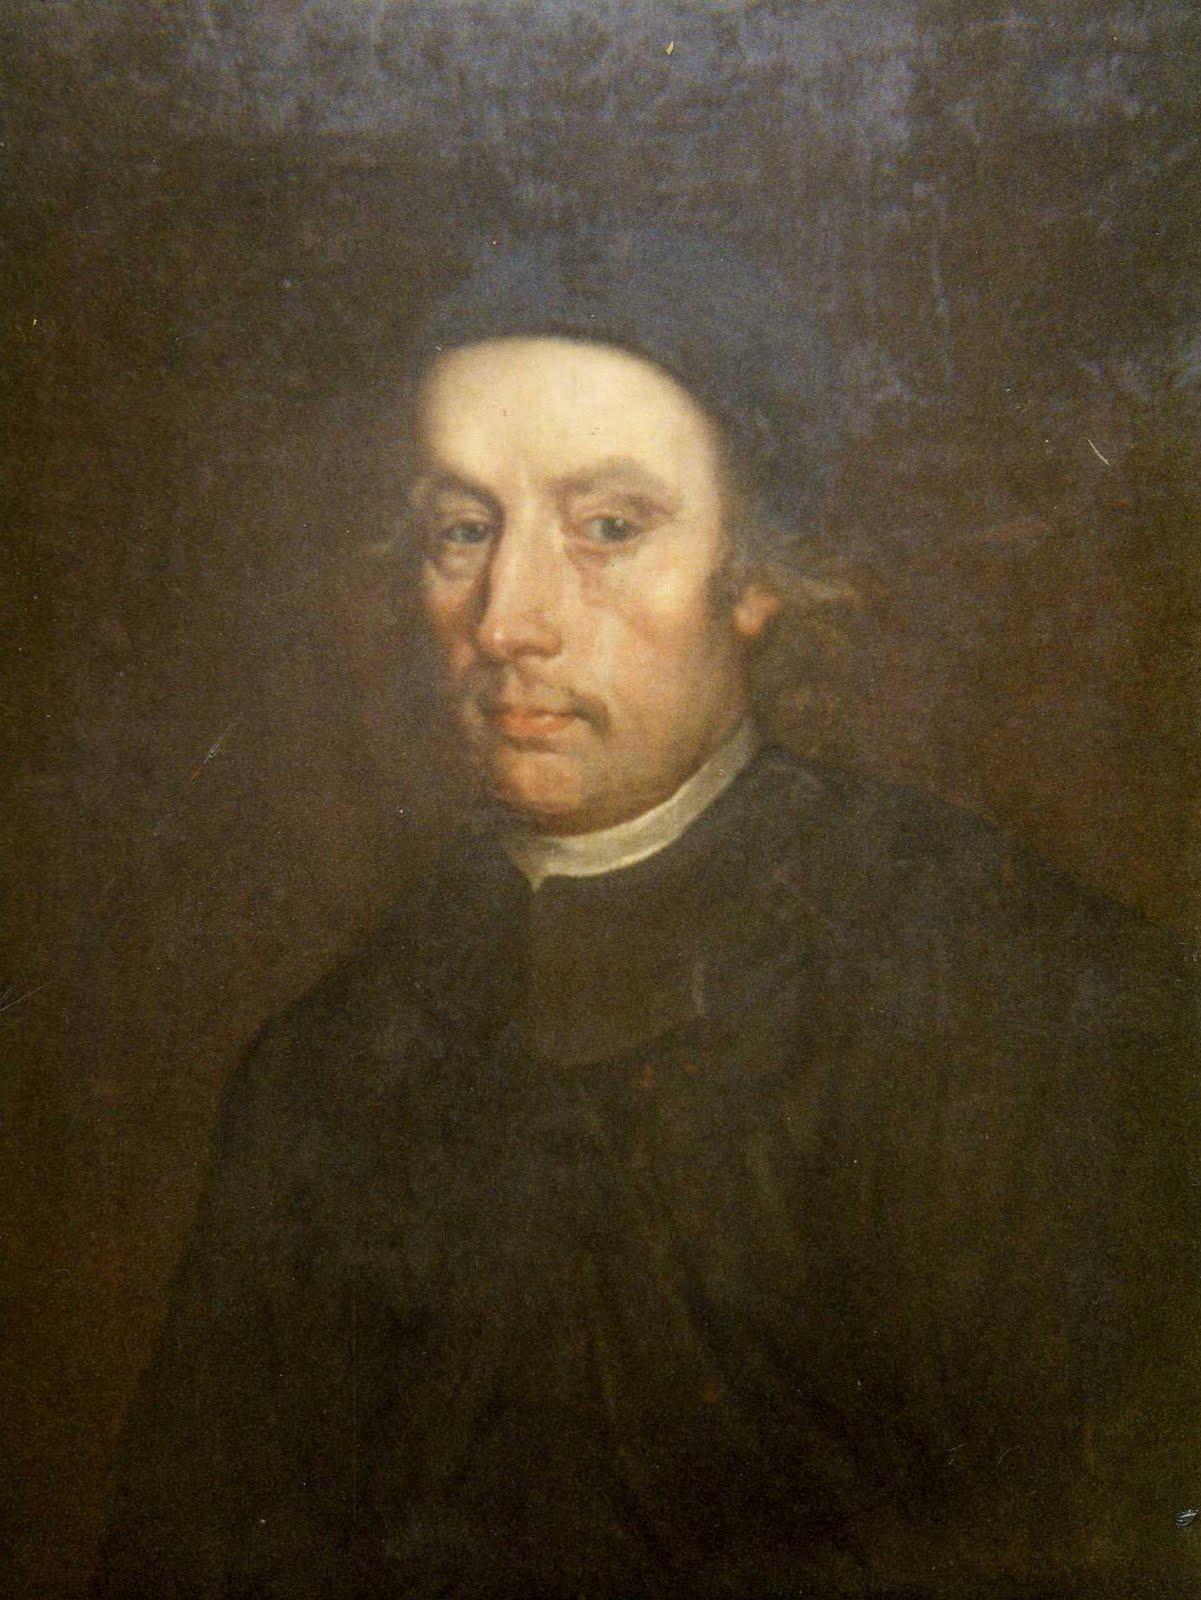 St Edmund Arrowsmith, SJ